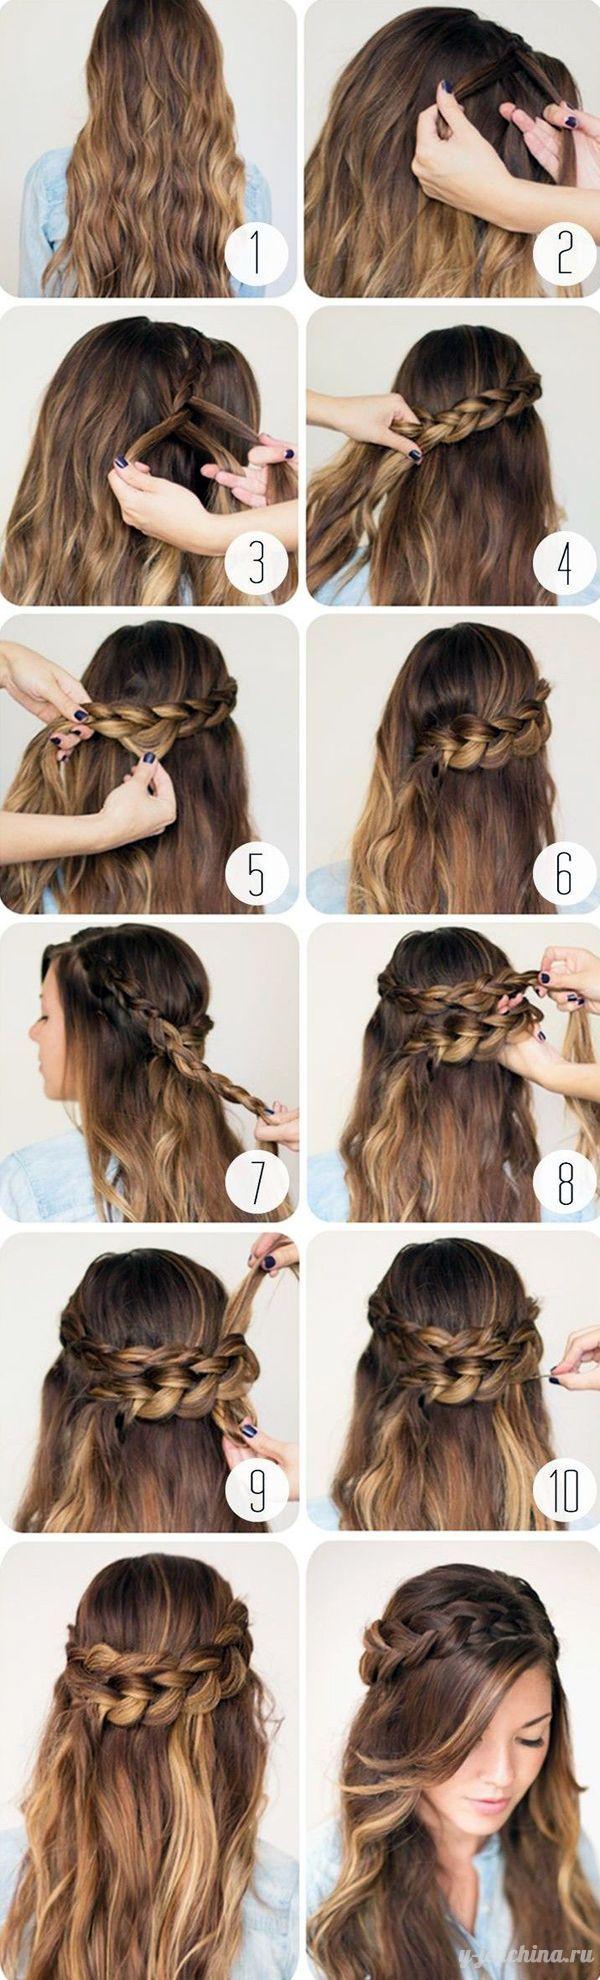 причёски на длинные волосы в домашних условиях зачіски на довге волосся long hair